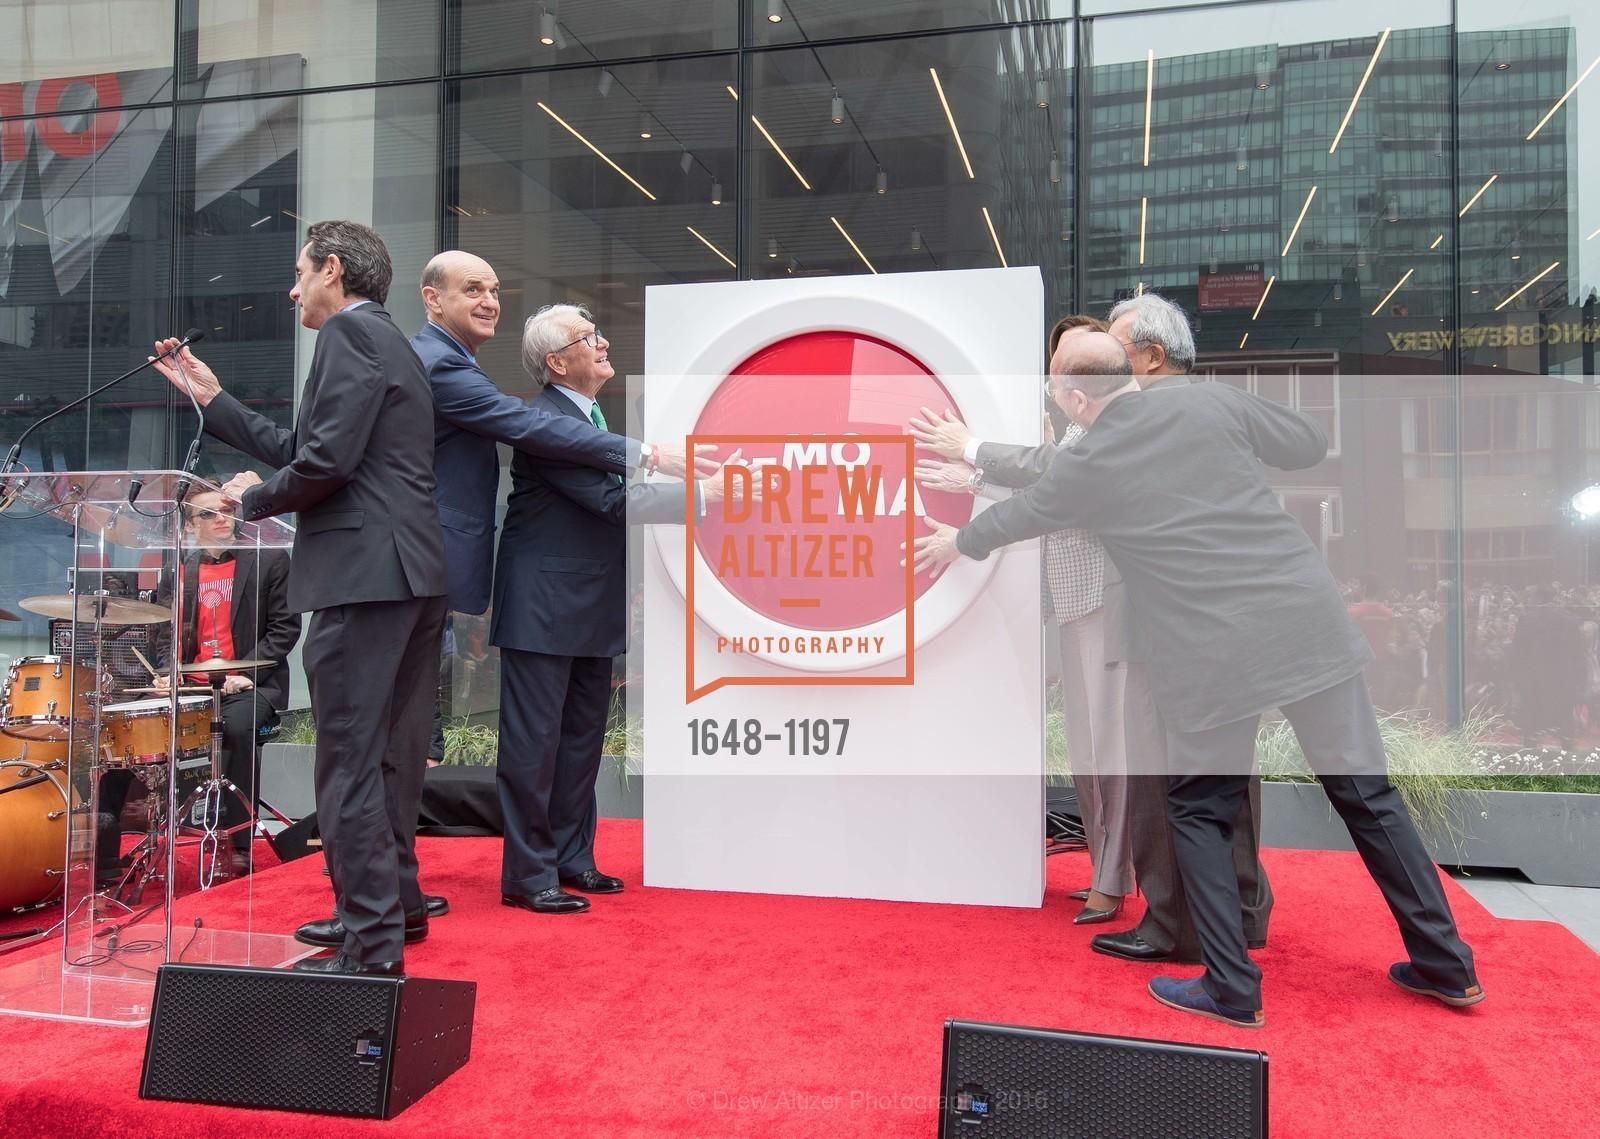 Bob Fisher, Neal Benezra, Nancy Pelosi, Ed Lee, Craig Dykers, Photo #1648-1197